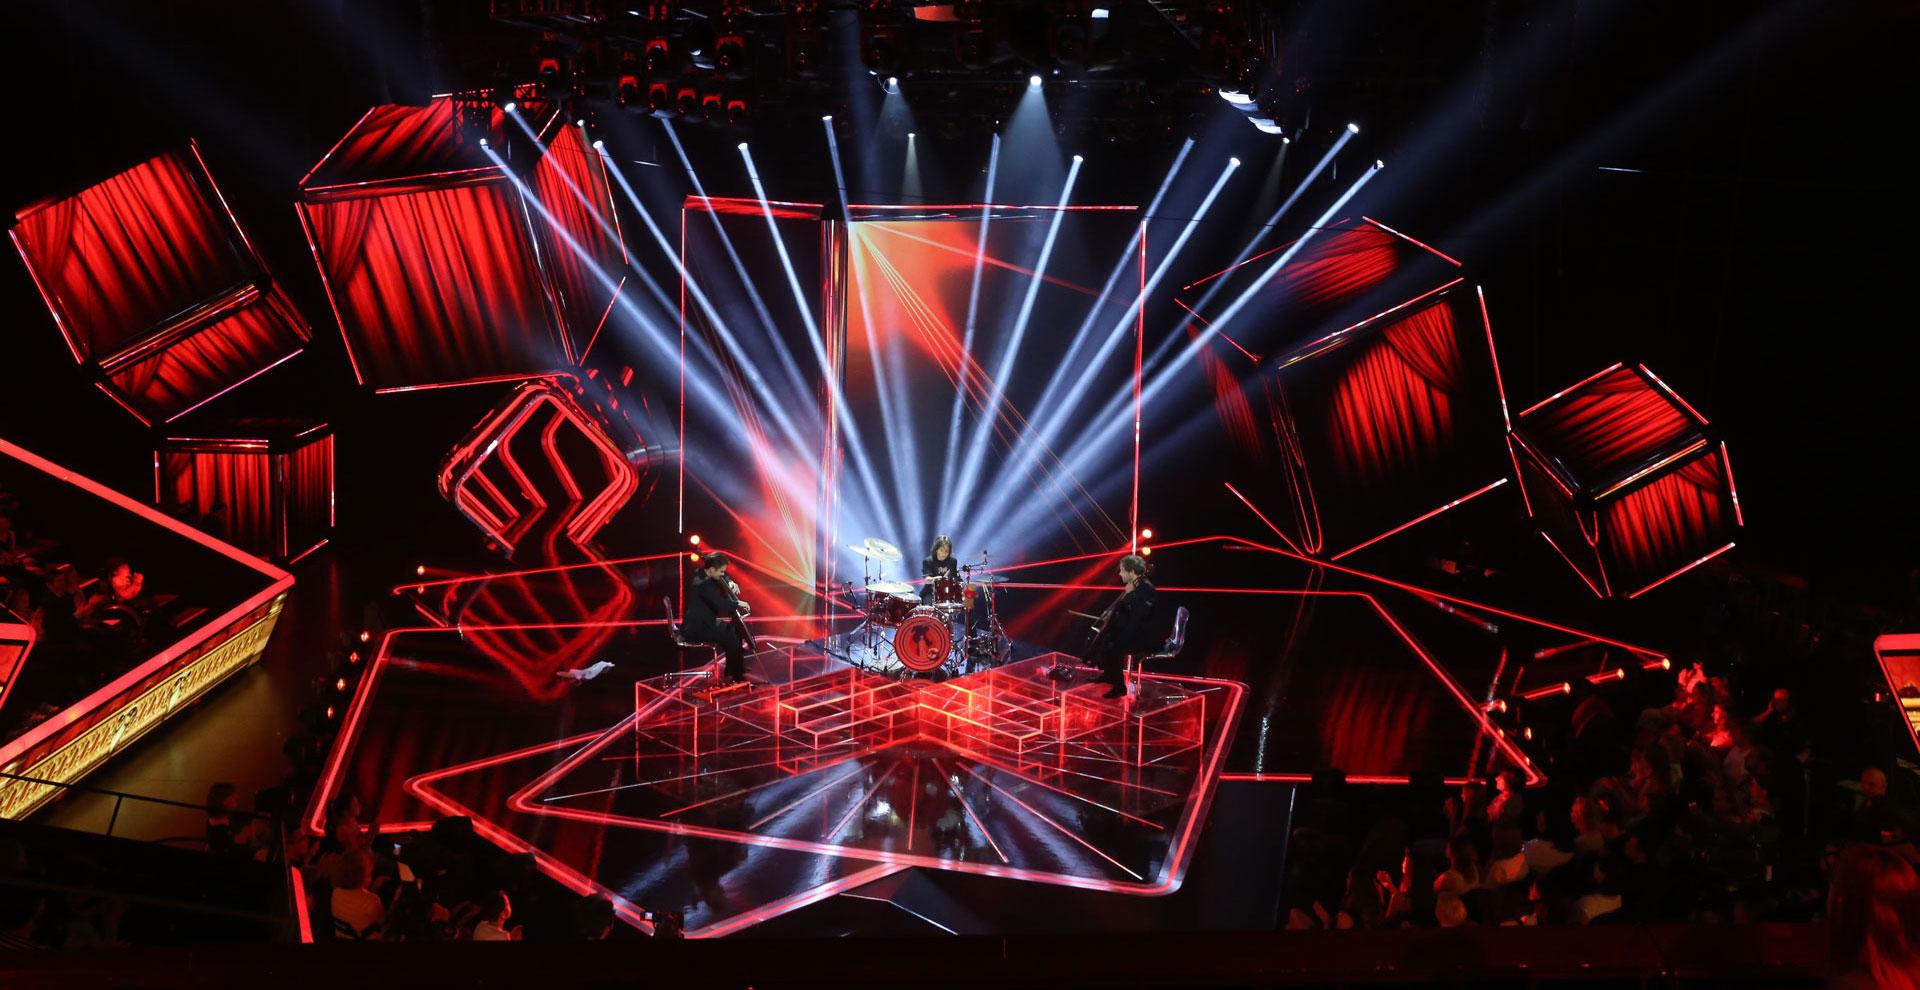 ledblade tv show visuals